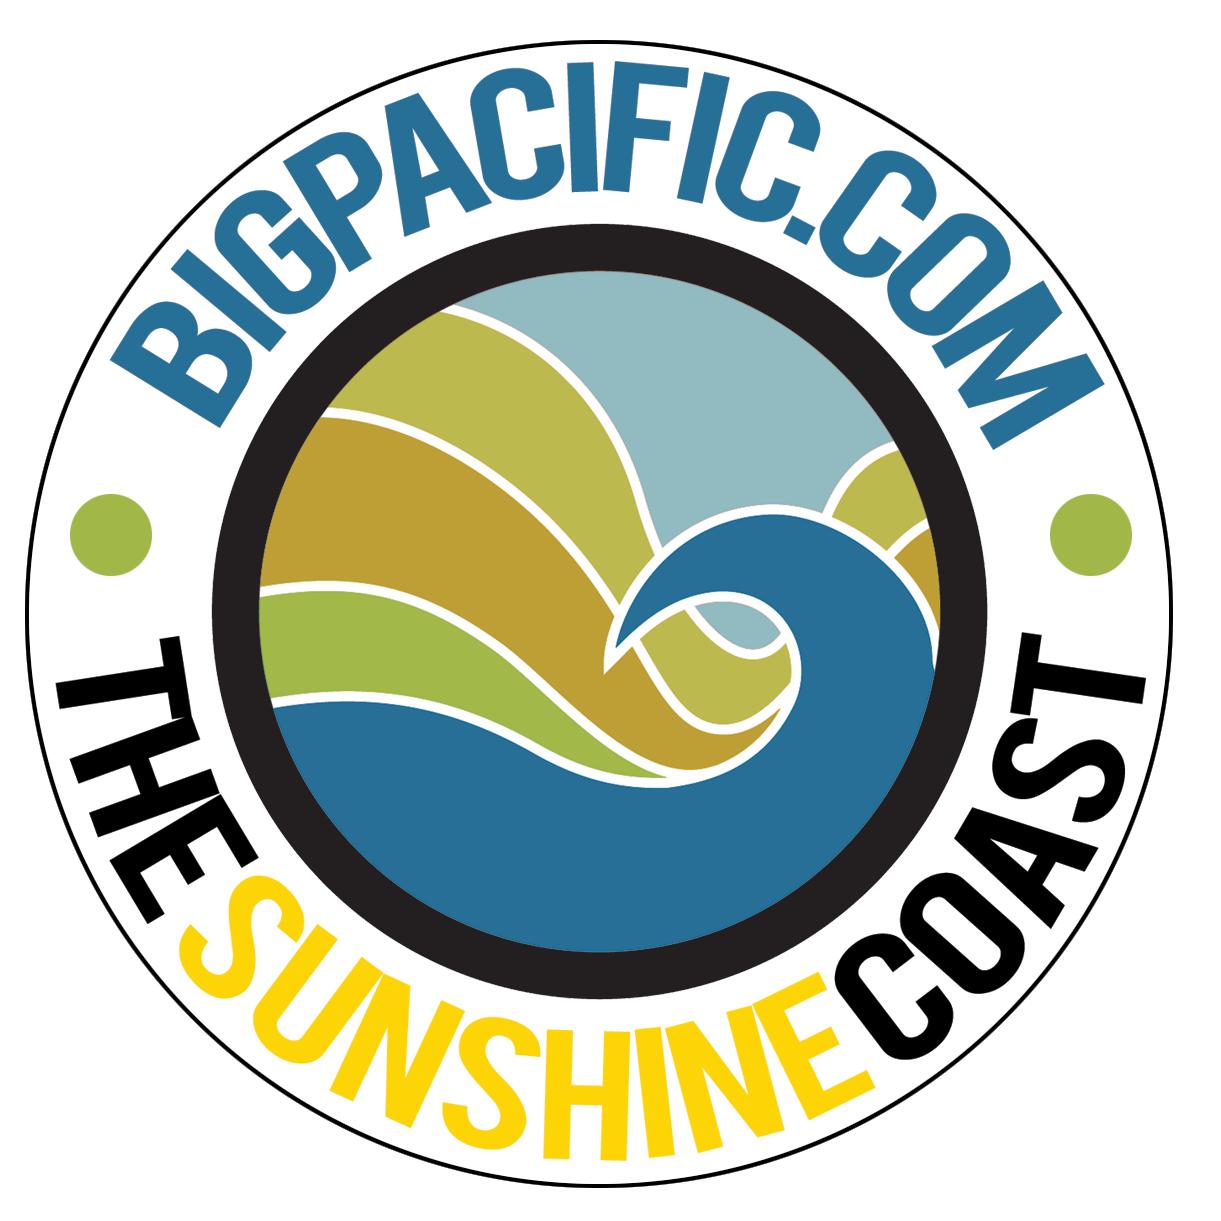 Sechelt - Sunshine Coast BC Community Information